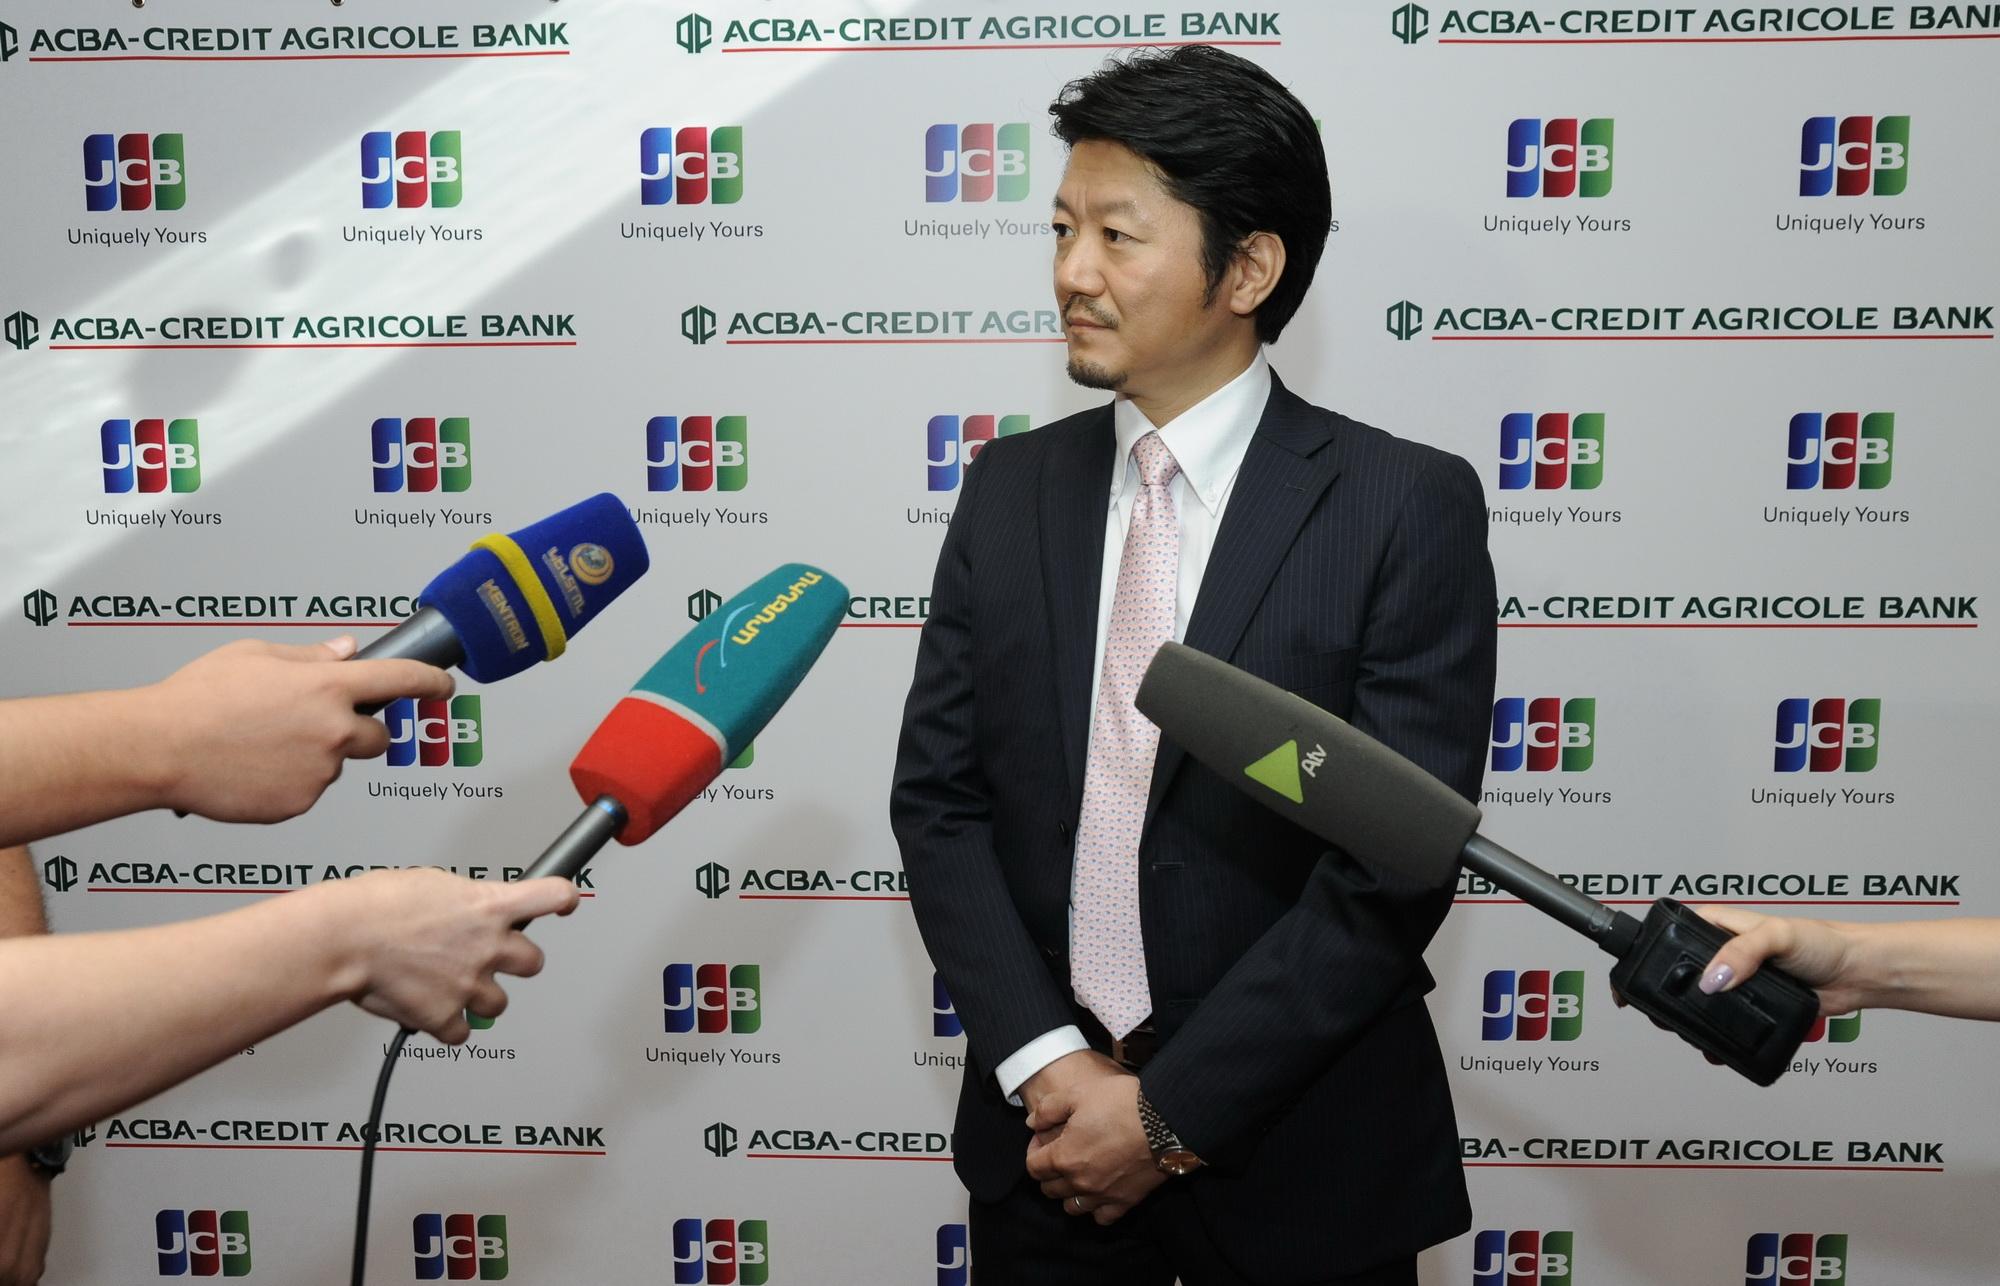 ԱԿԲԱ-ԿՐԵԴԻՏ ԱԳՐԻԿՈԼ բանկը կսպասարկի Ճապոնական JCB քարտեր